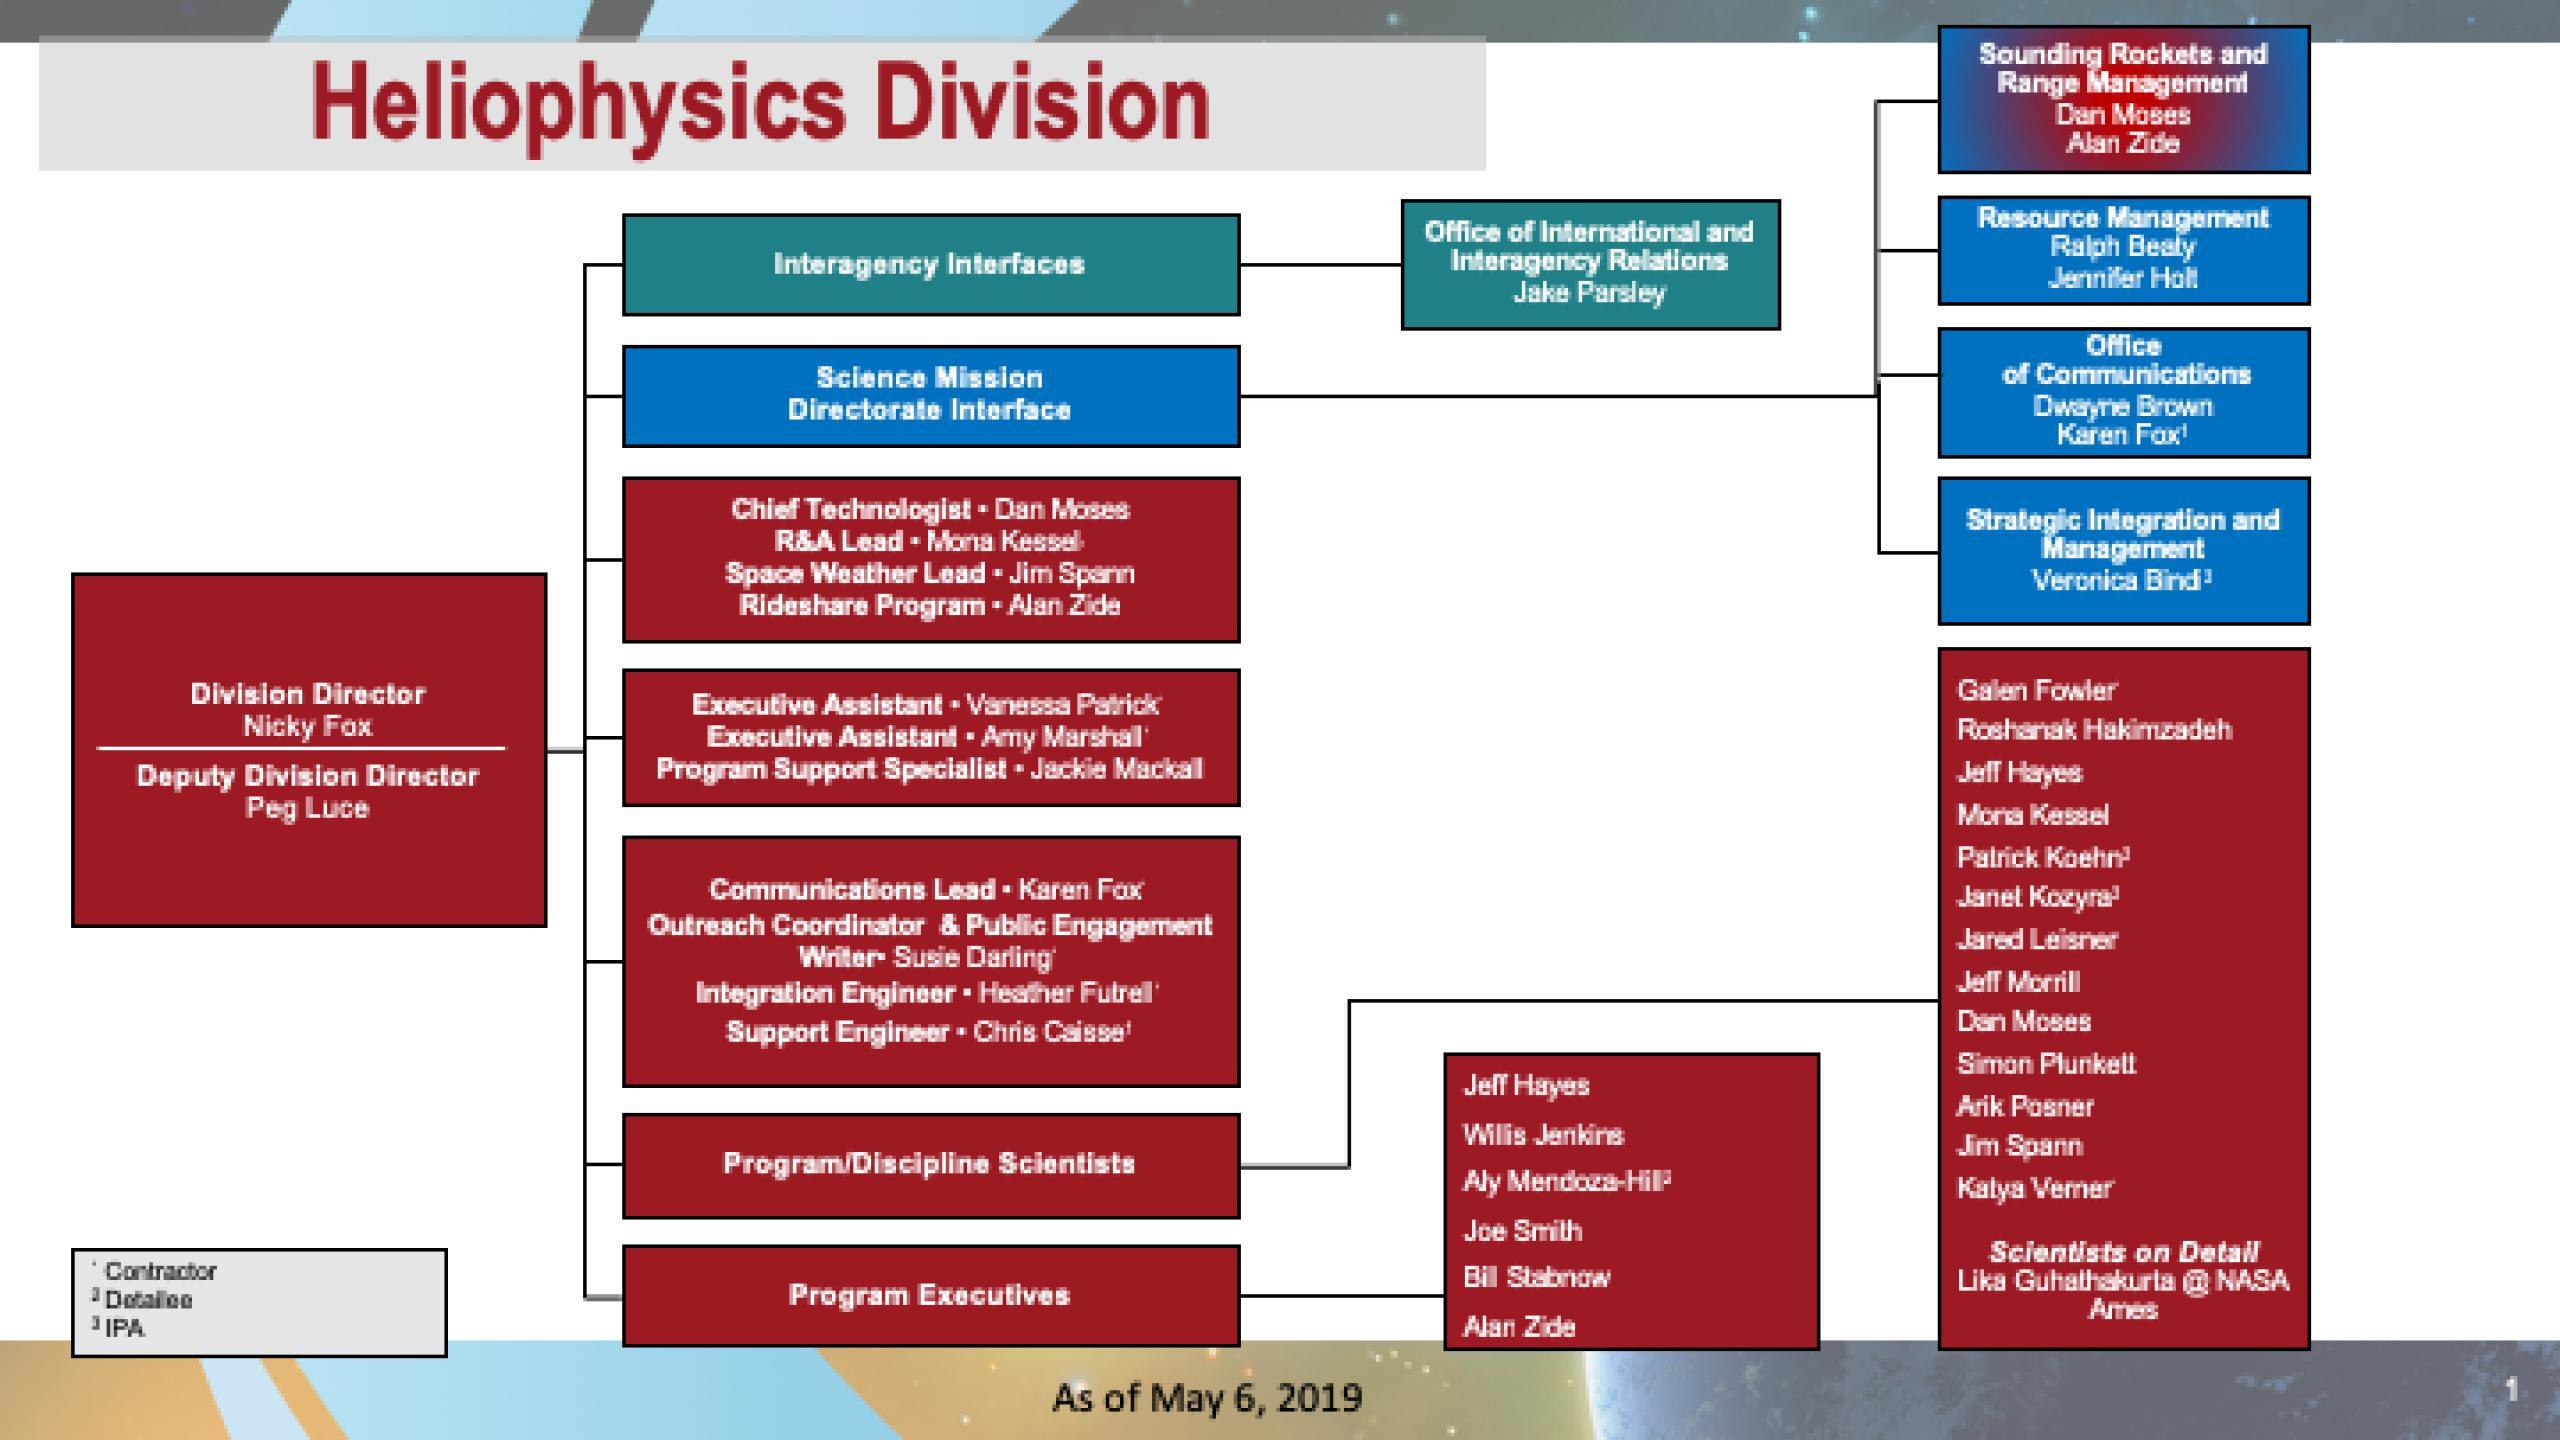 heliophysics-org-chart-10-1-2018.jpg